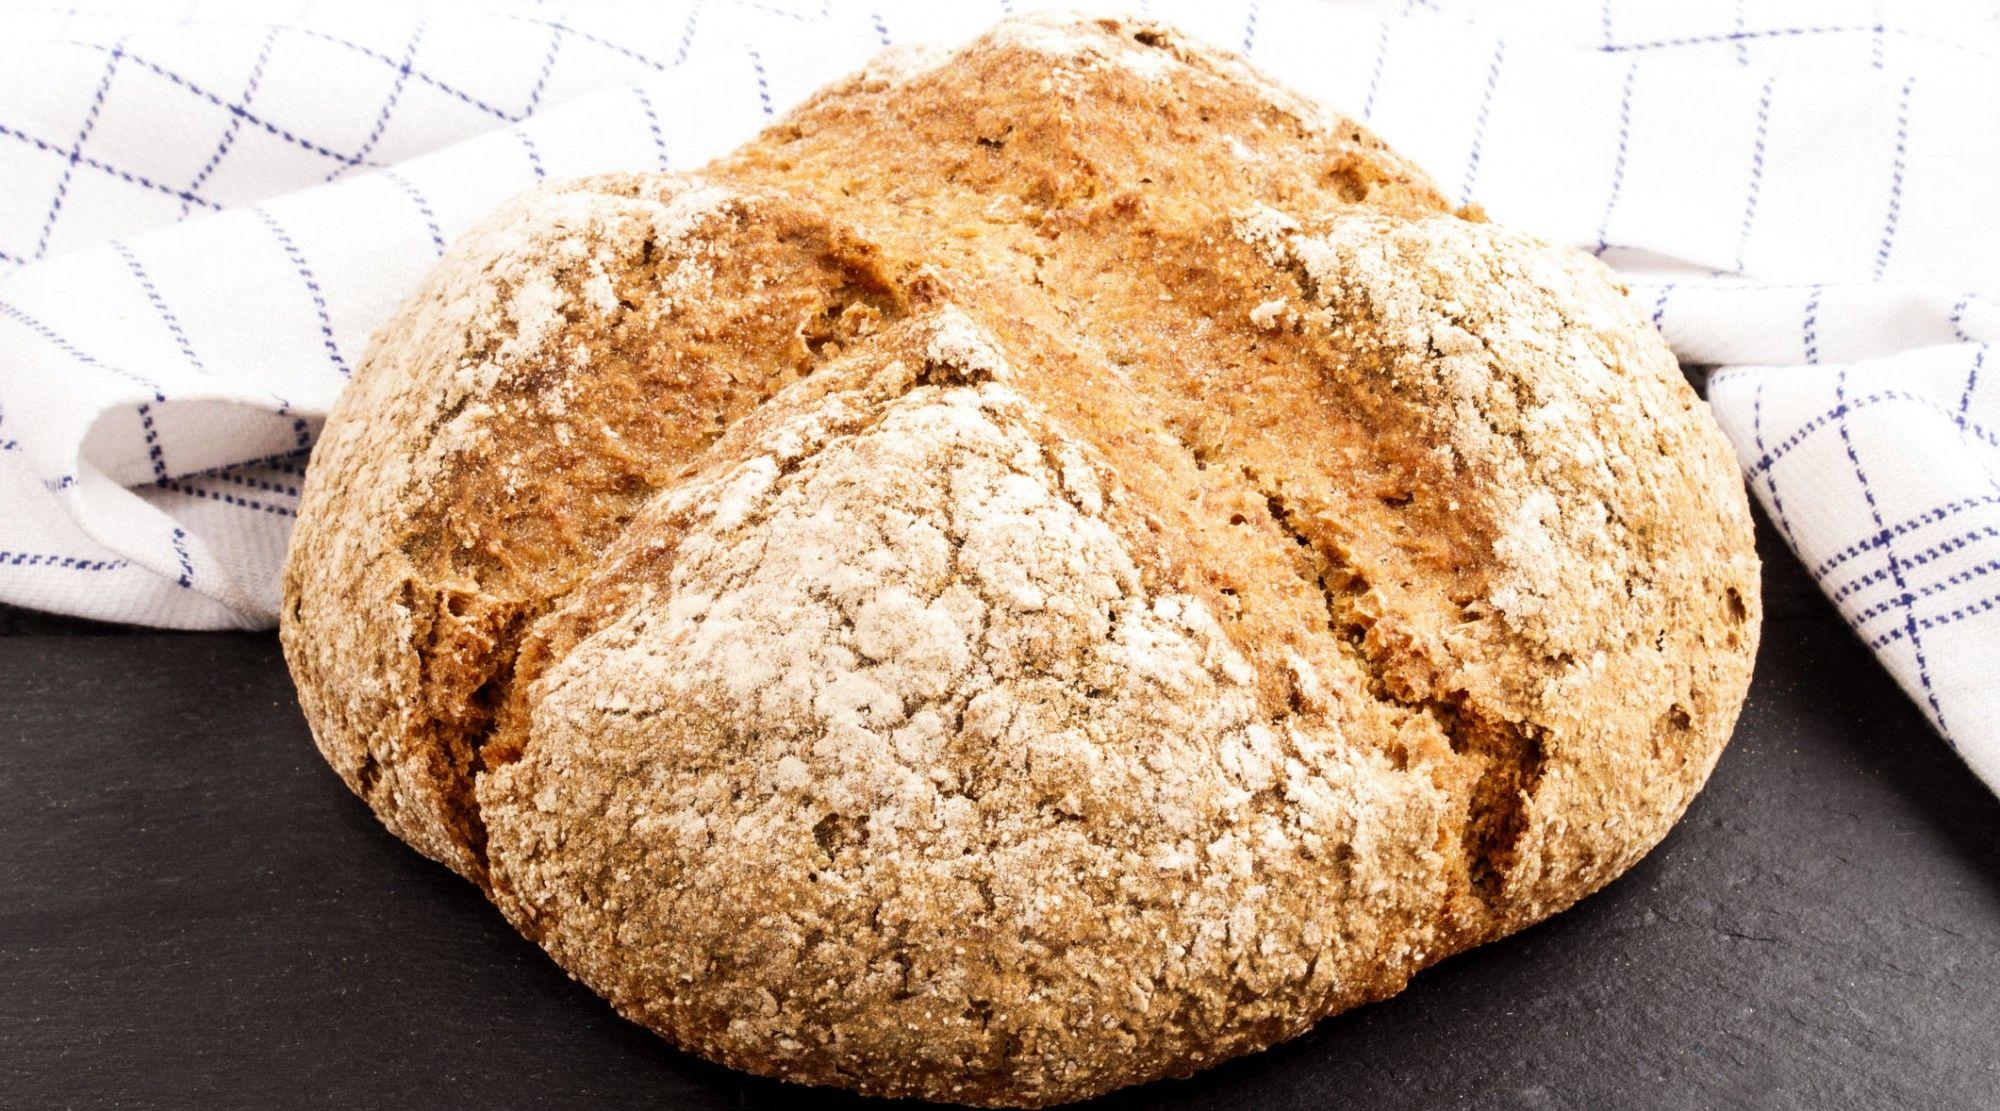 Lush Whole Wheat Soda Bread In 2020 Soda Bread Homemade Bread Irish Soda Bread